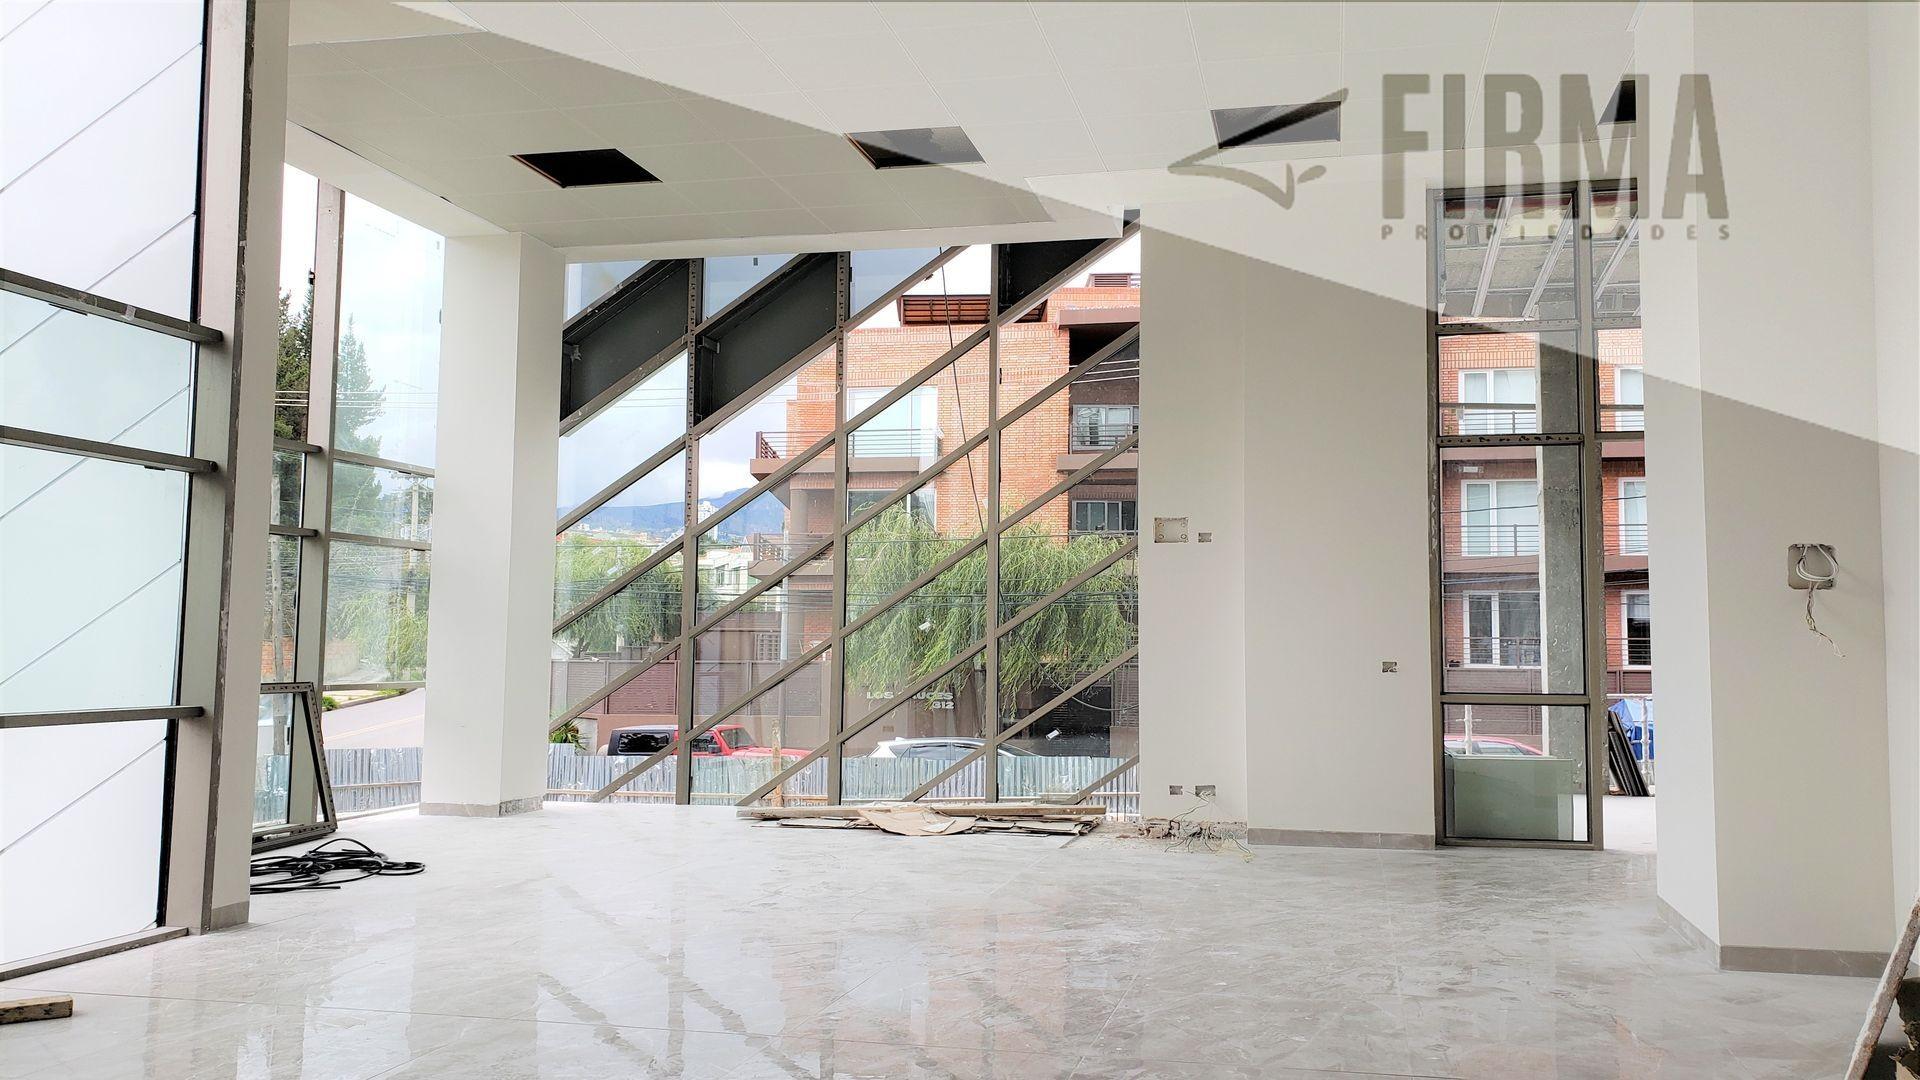 Local comercial en Alquiler CALACOTO, HERMOSO LOCAL EN ALQUILER CON GRAN VISIBILIDAD Foto 3